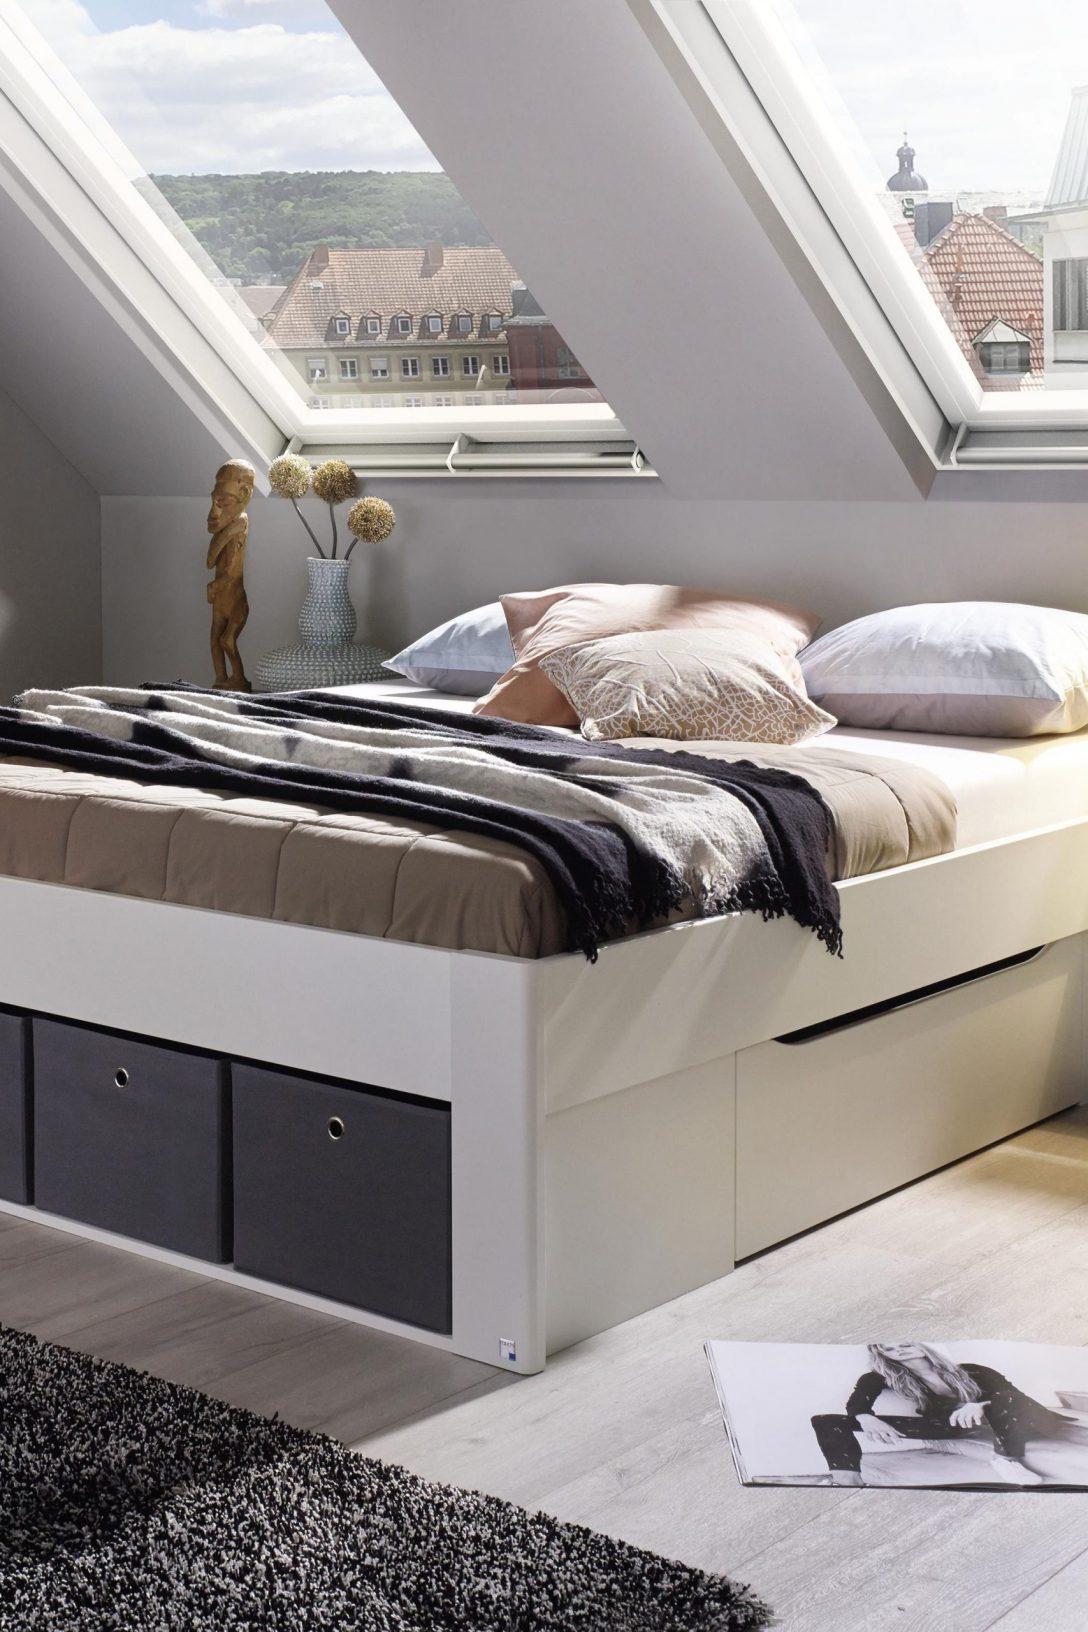 Large Size of Stauraumbett 120x200 Stauraumbetten Otto Stauraum Bett 100x200 Ikea Malm Weiß Mit Bettkasten Matratze Und Lattenrost Betten Wohnzimmer Stauraumbett 120x200